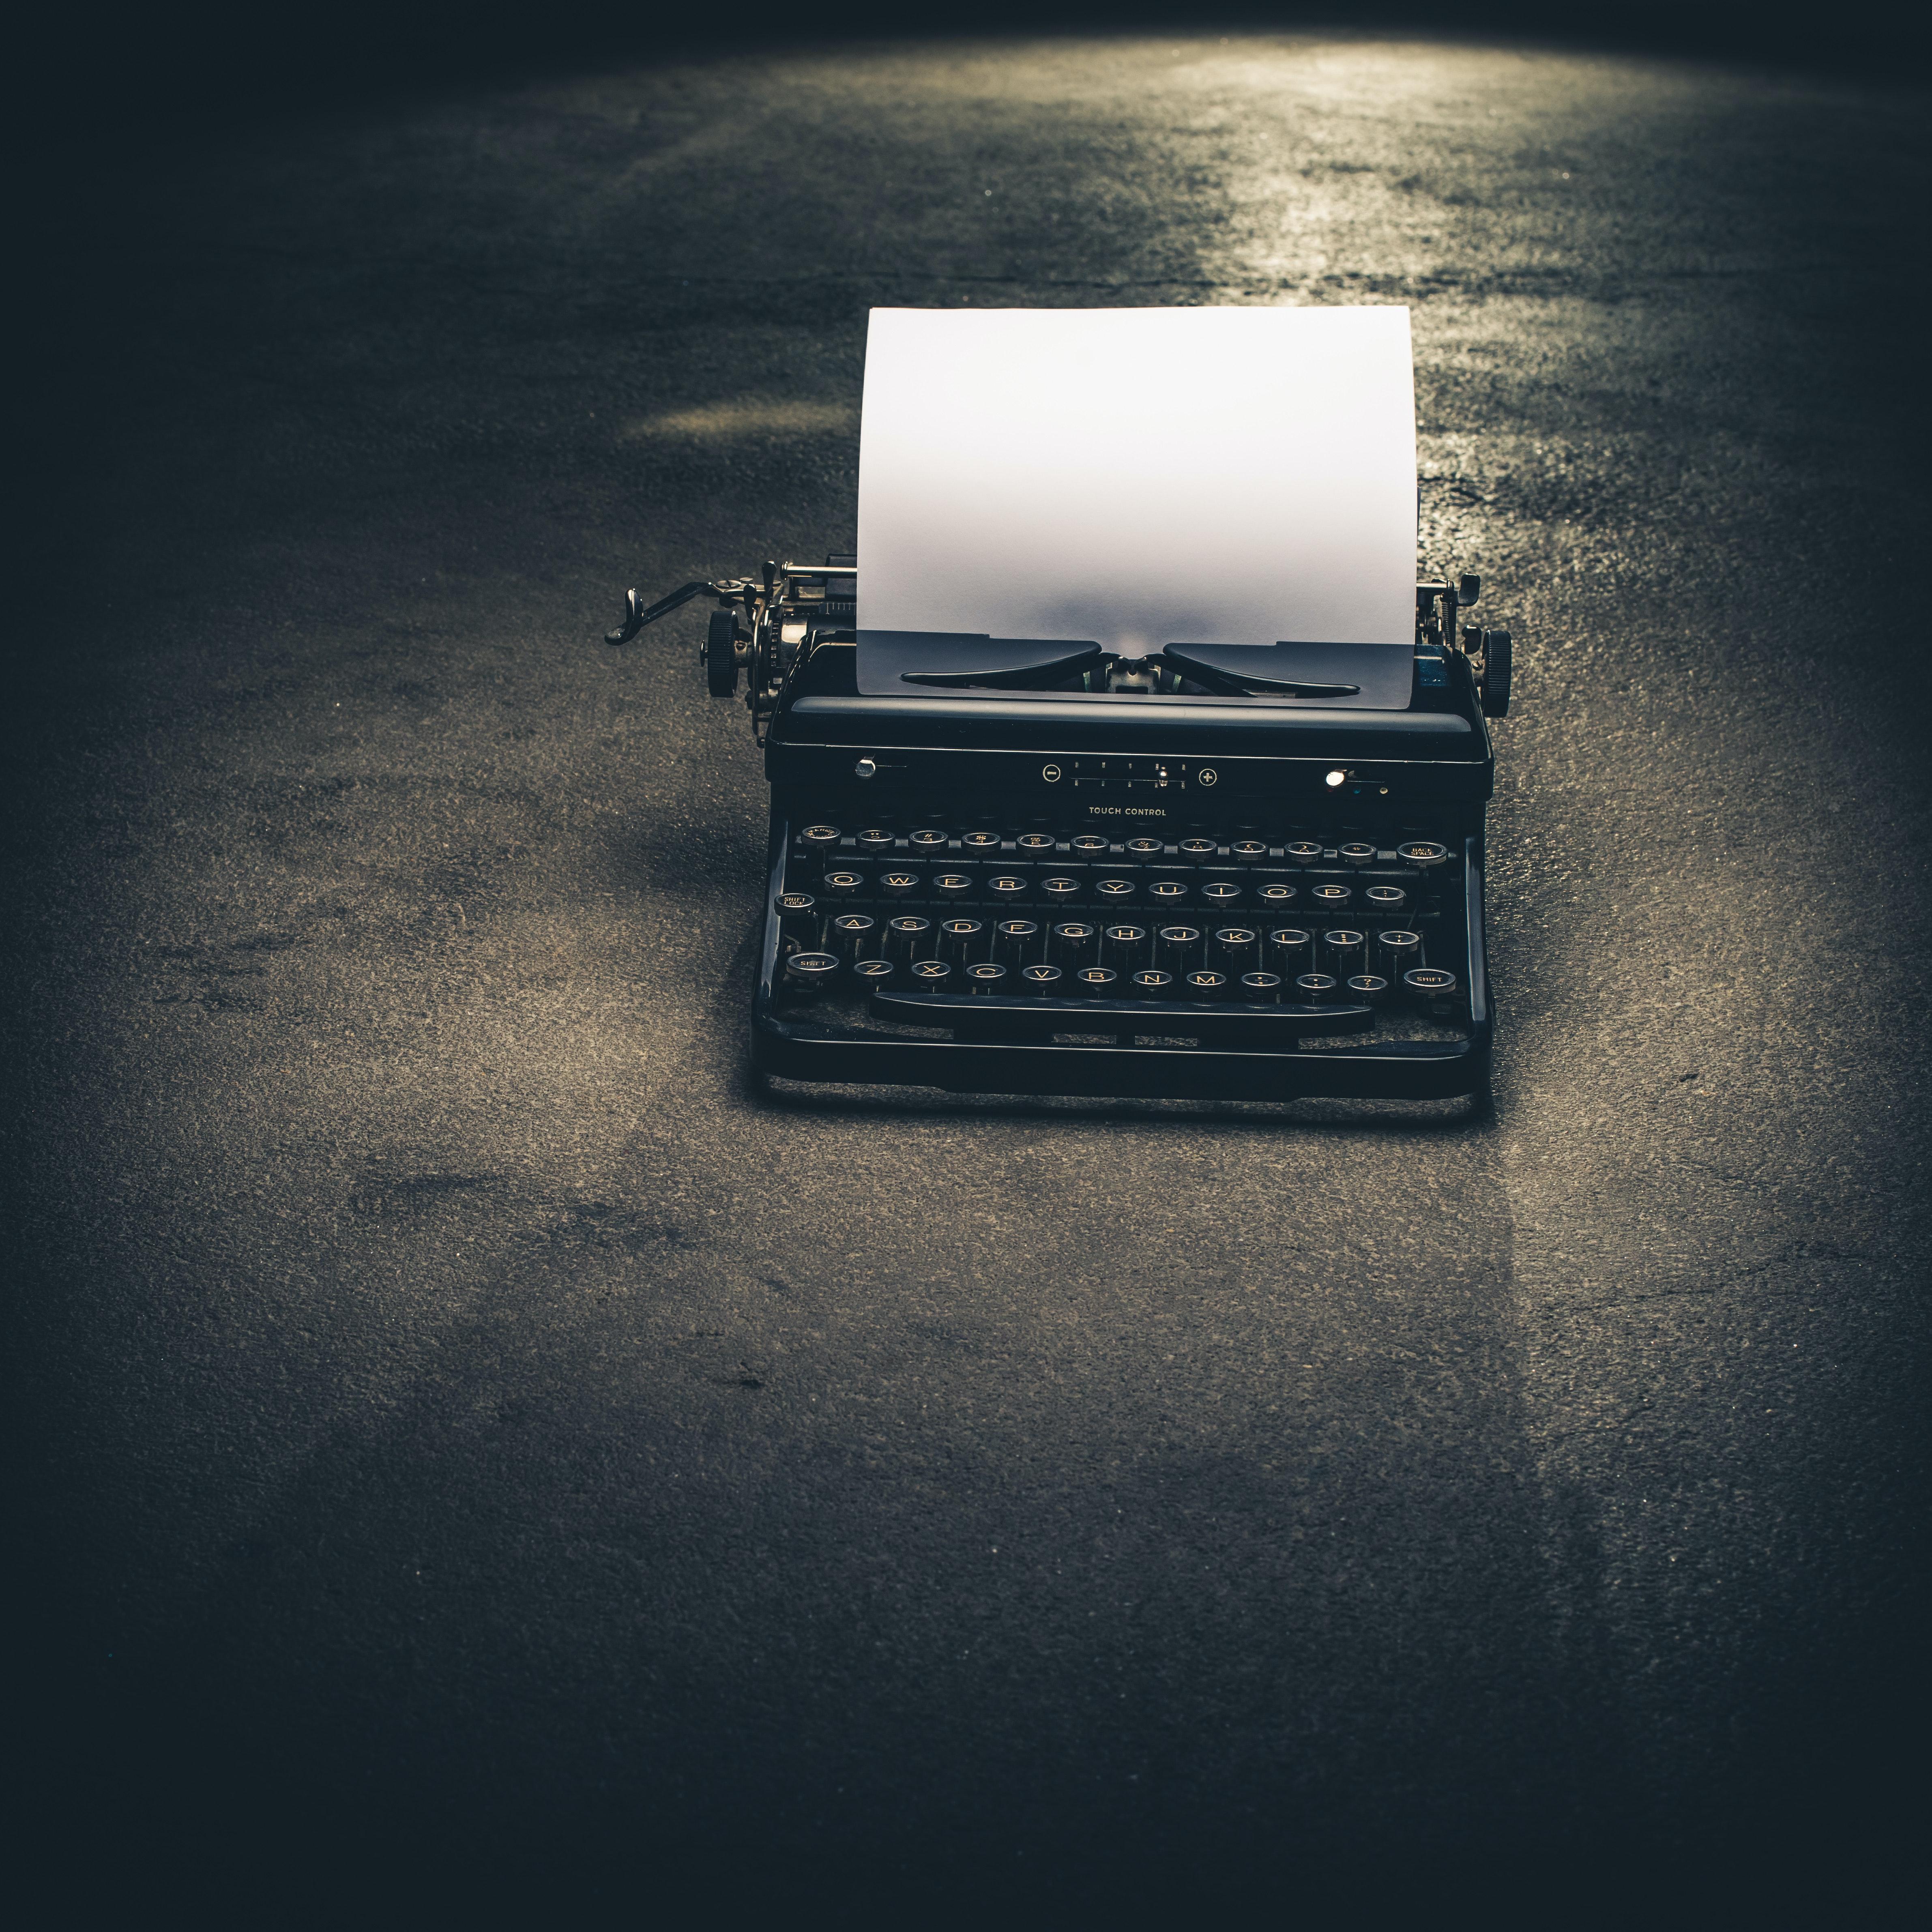 Schreibmaschine symbolbild expose dissertation.647fcf7cdfa0d716ca3e3736078709e98